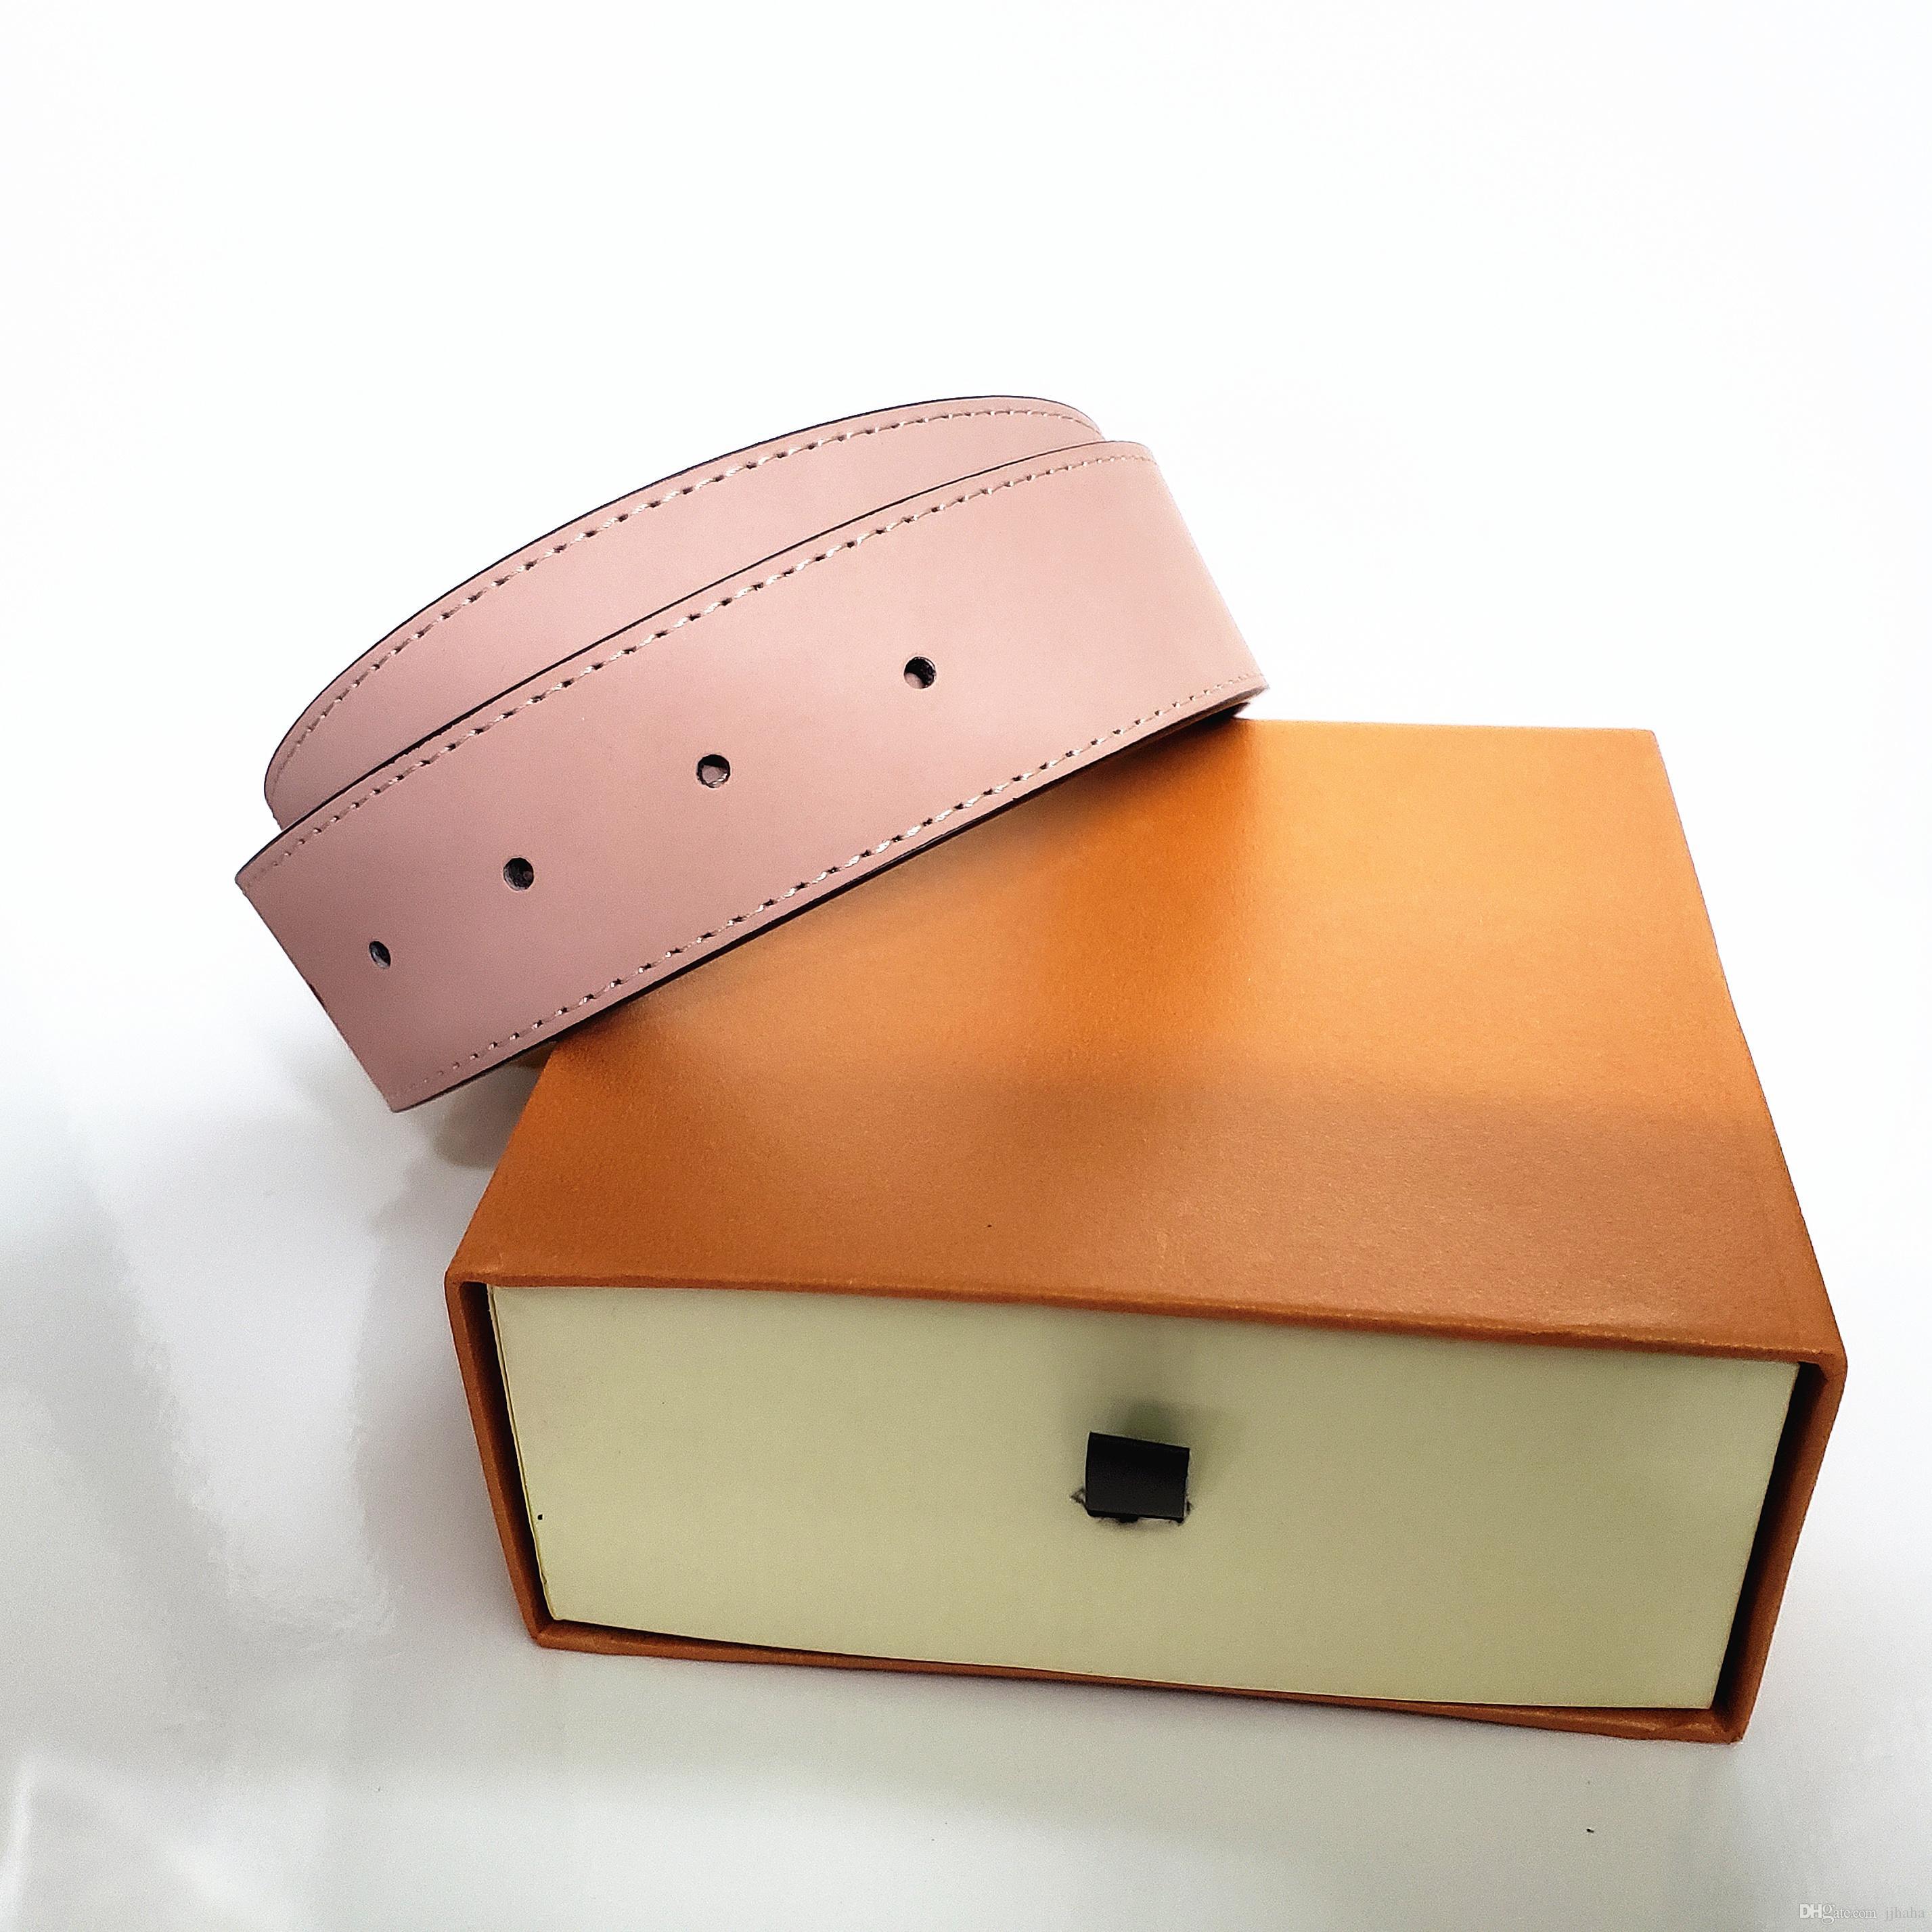 2020 الأزياء مع جلد مربع الأحزمة حزام للرجال امرأة النساء G كبير الذهب مشبك معدني لحزام أعلى رجل ثعبان حزام بالجملة الشحن المجاني